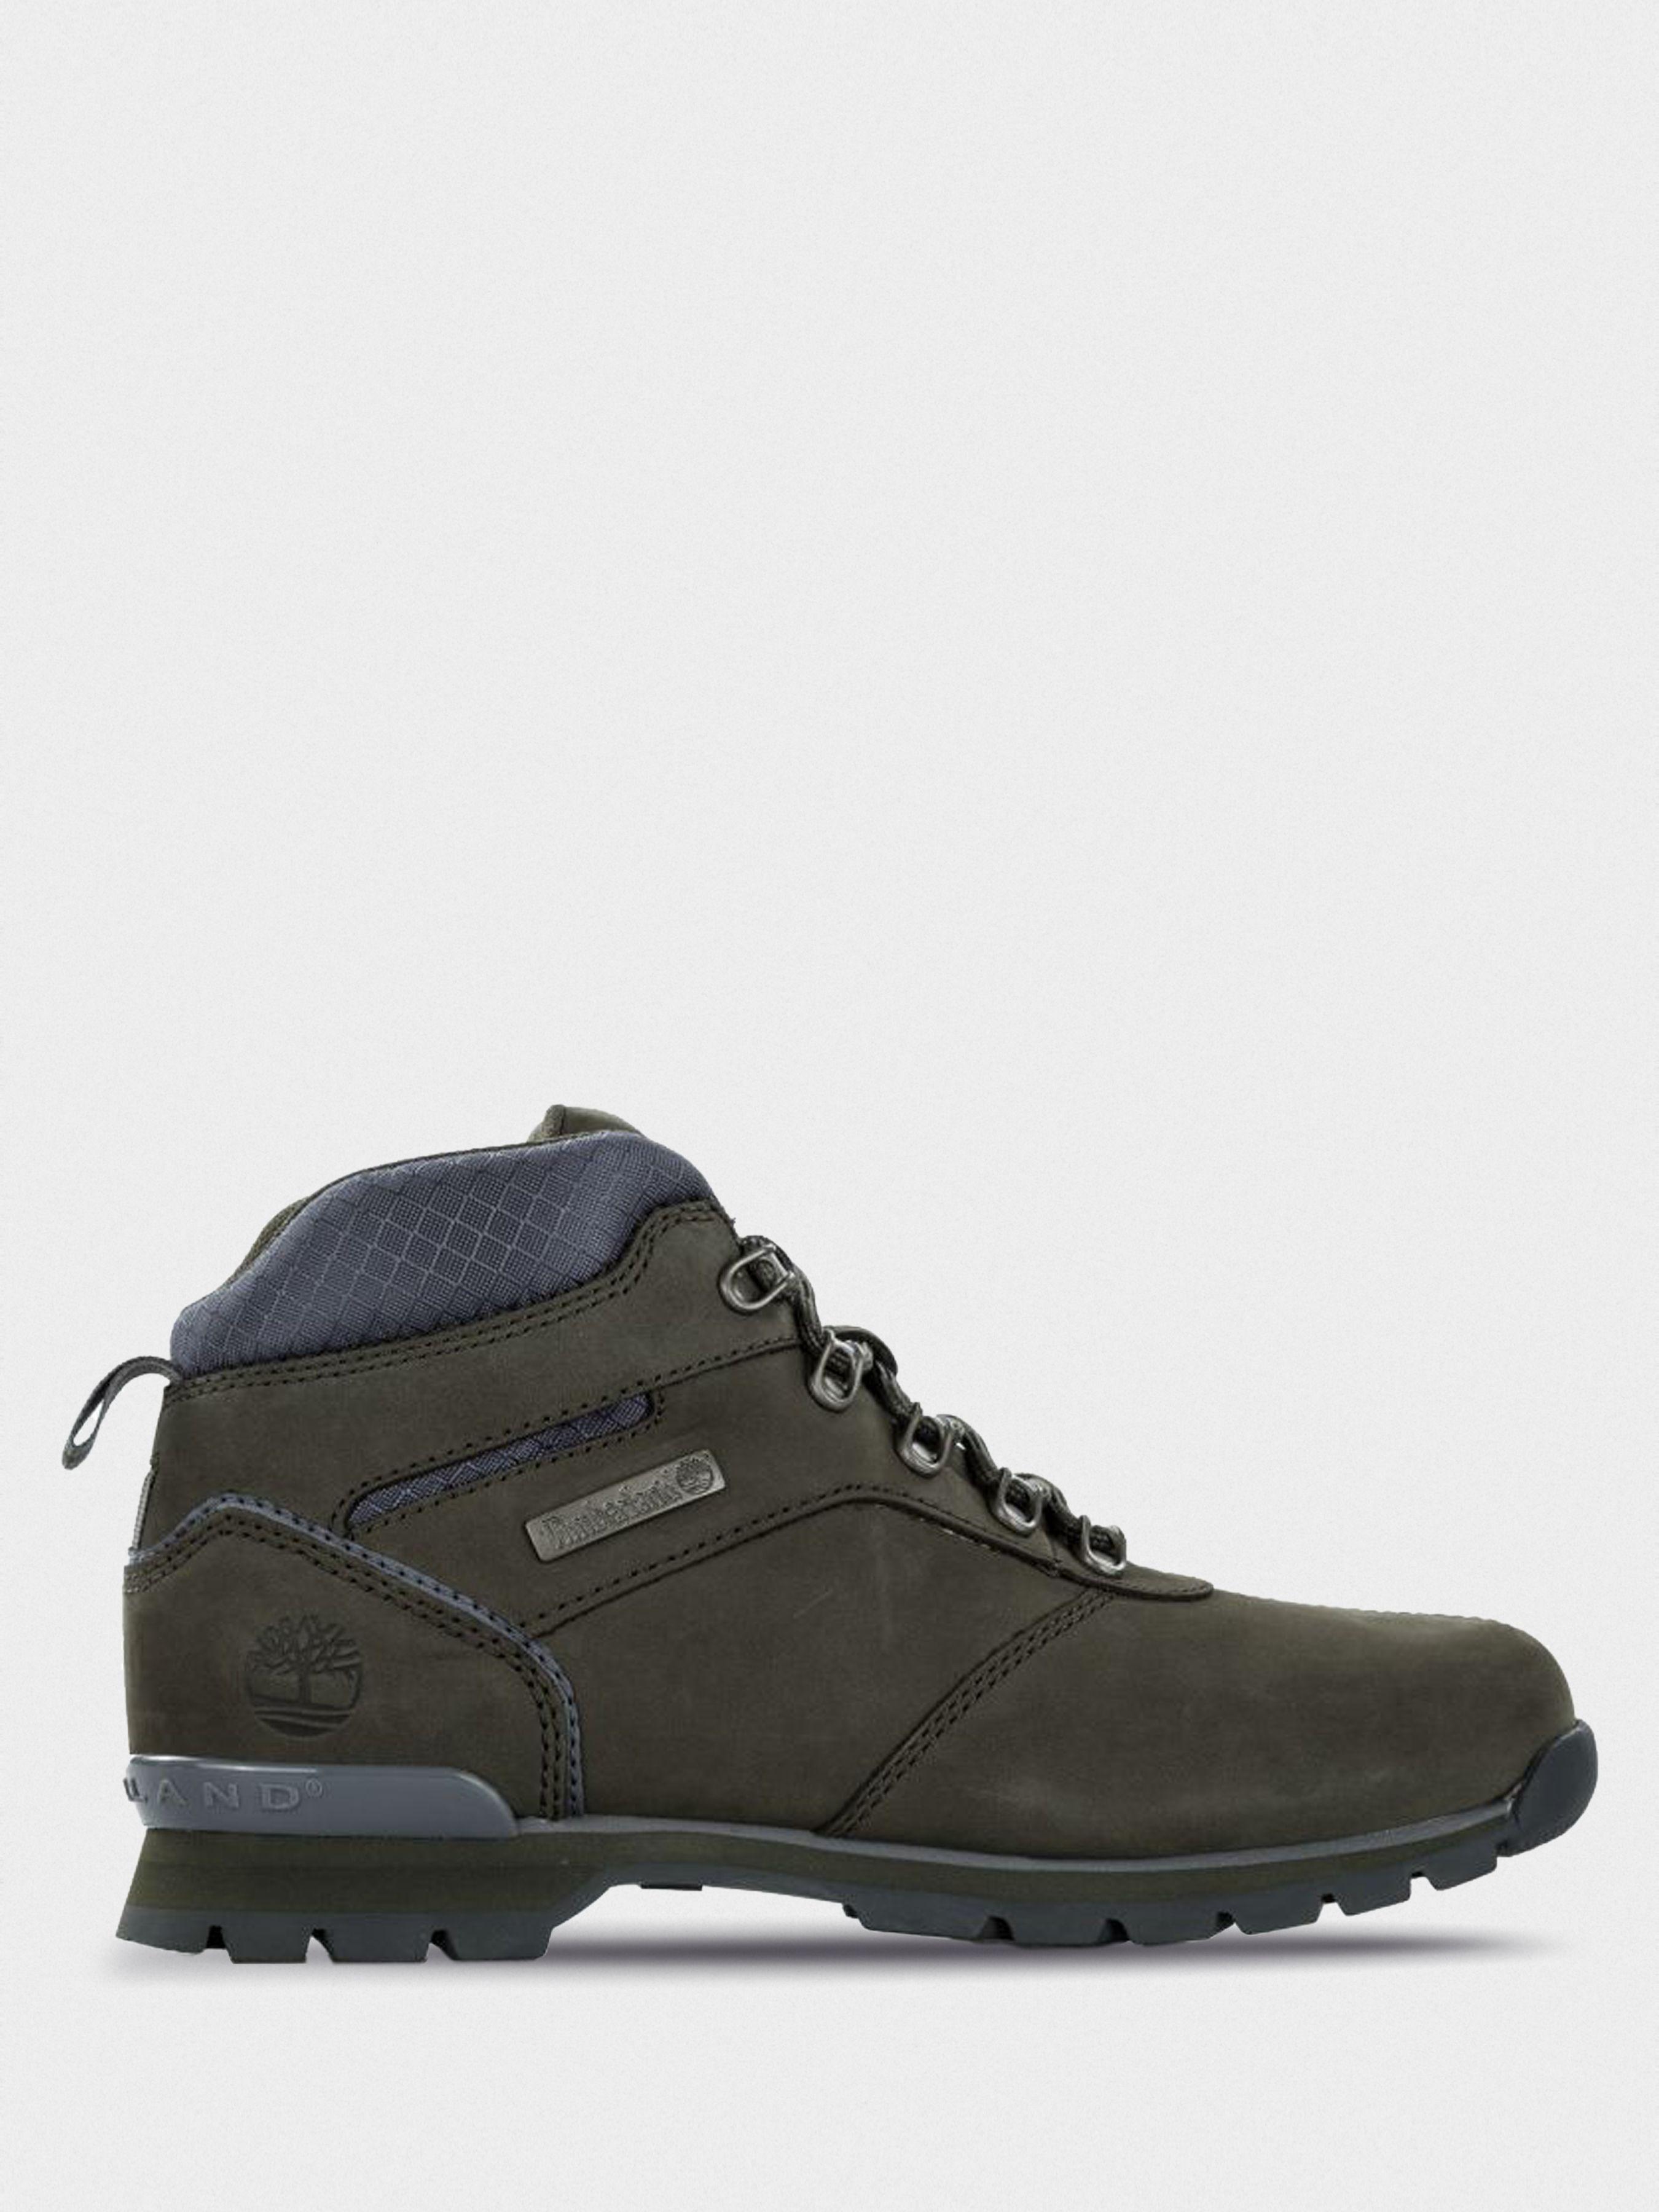 Купить Ботинки мужские Timberland Splitrock TF3798, Зеленый